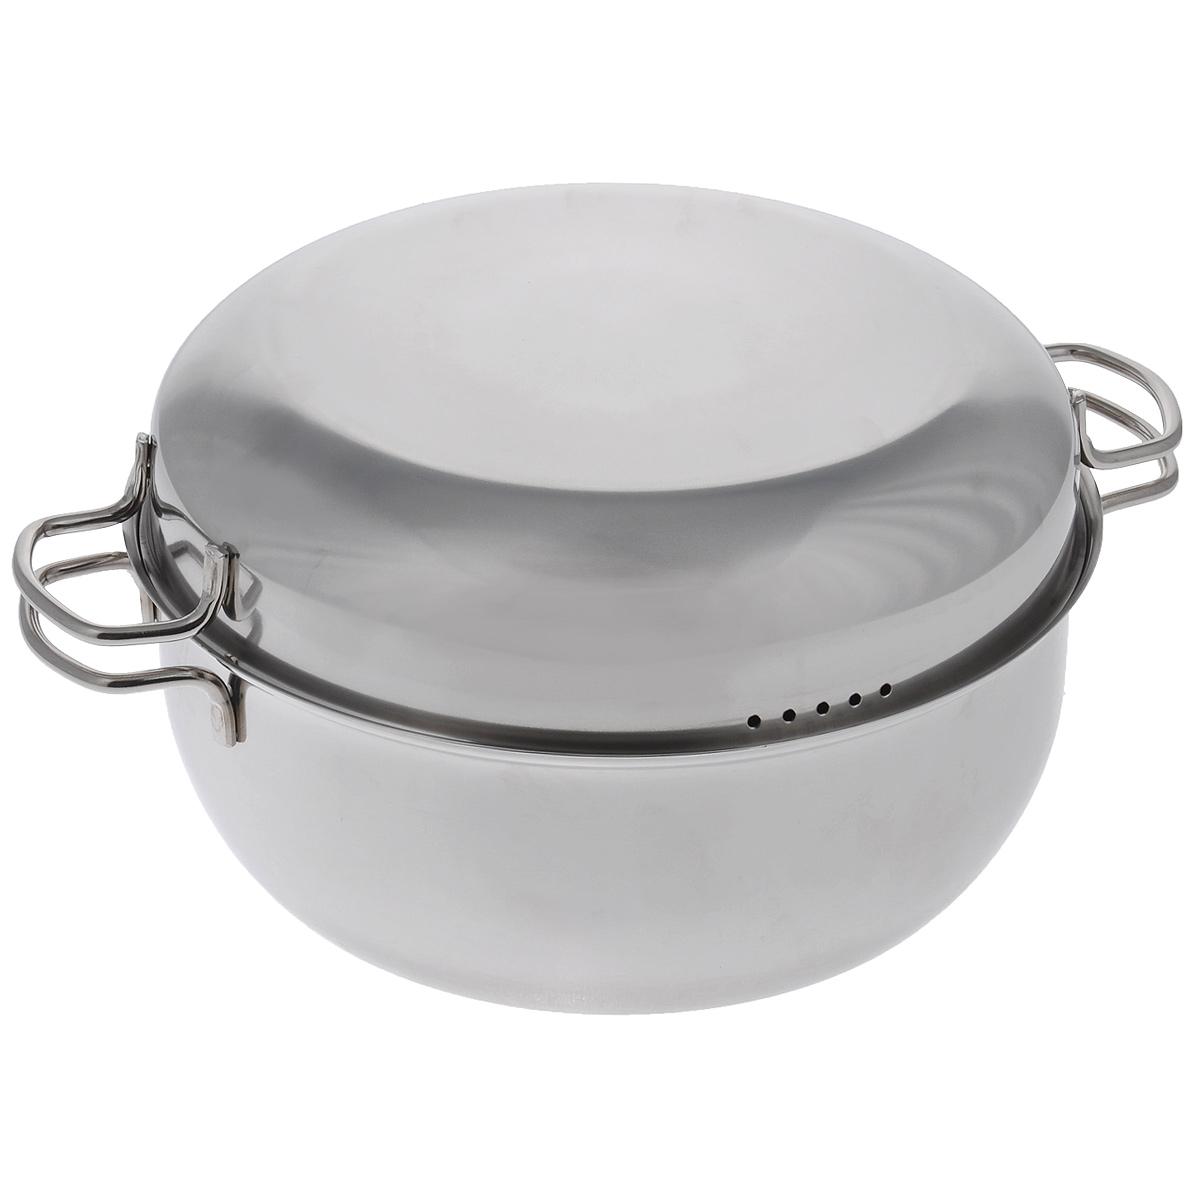 """Мантоварка """"АМЕТ"""" предназначена для приготовления диетических блюд на пару, в частности - мантов. Изделие гигиенично и безопасно для здоровья. Нержавеющая сталь обладает малой теплопроводностью, поэтому посуда из нее остывает гораздо медленнее, чем любой другой вид посуды, а значит, приготовленное в ней более длительное время остается горячим. Мантоварка имеет две решетки с ручками из нержавеющей стали, на ножках и крышку. Крышка плотно прилегает к краю мантоварки, сохраняя аромат блюд. Крышка оснащена двумя удобными ручками и отверстиями для выпуска пара. Подходит для газовых и электрических плит. Можно мыть в посудомоечной машине. Высота стенки: 11,5 см. Толщина стенки: 0,2 см. Толщина дна: 0,3 см. Ширина мантоварки (с учетом ручек): 35 см. Диаметр решетки: 25 см. Высота решетки (с учетом ножек и ручки): 9,5 см.Высота мантоварки (с учетом крышки): 16 см."""